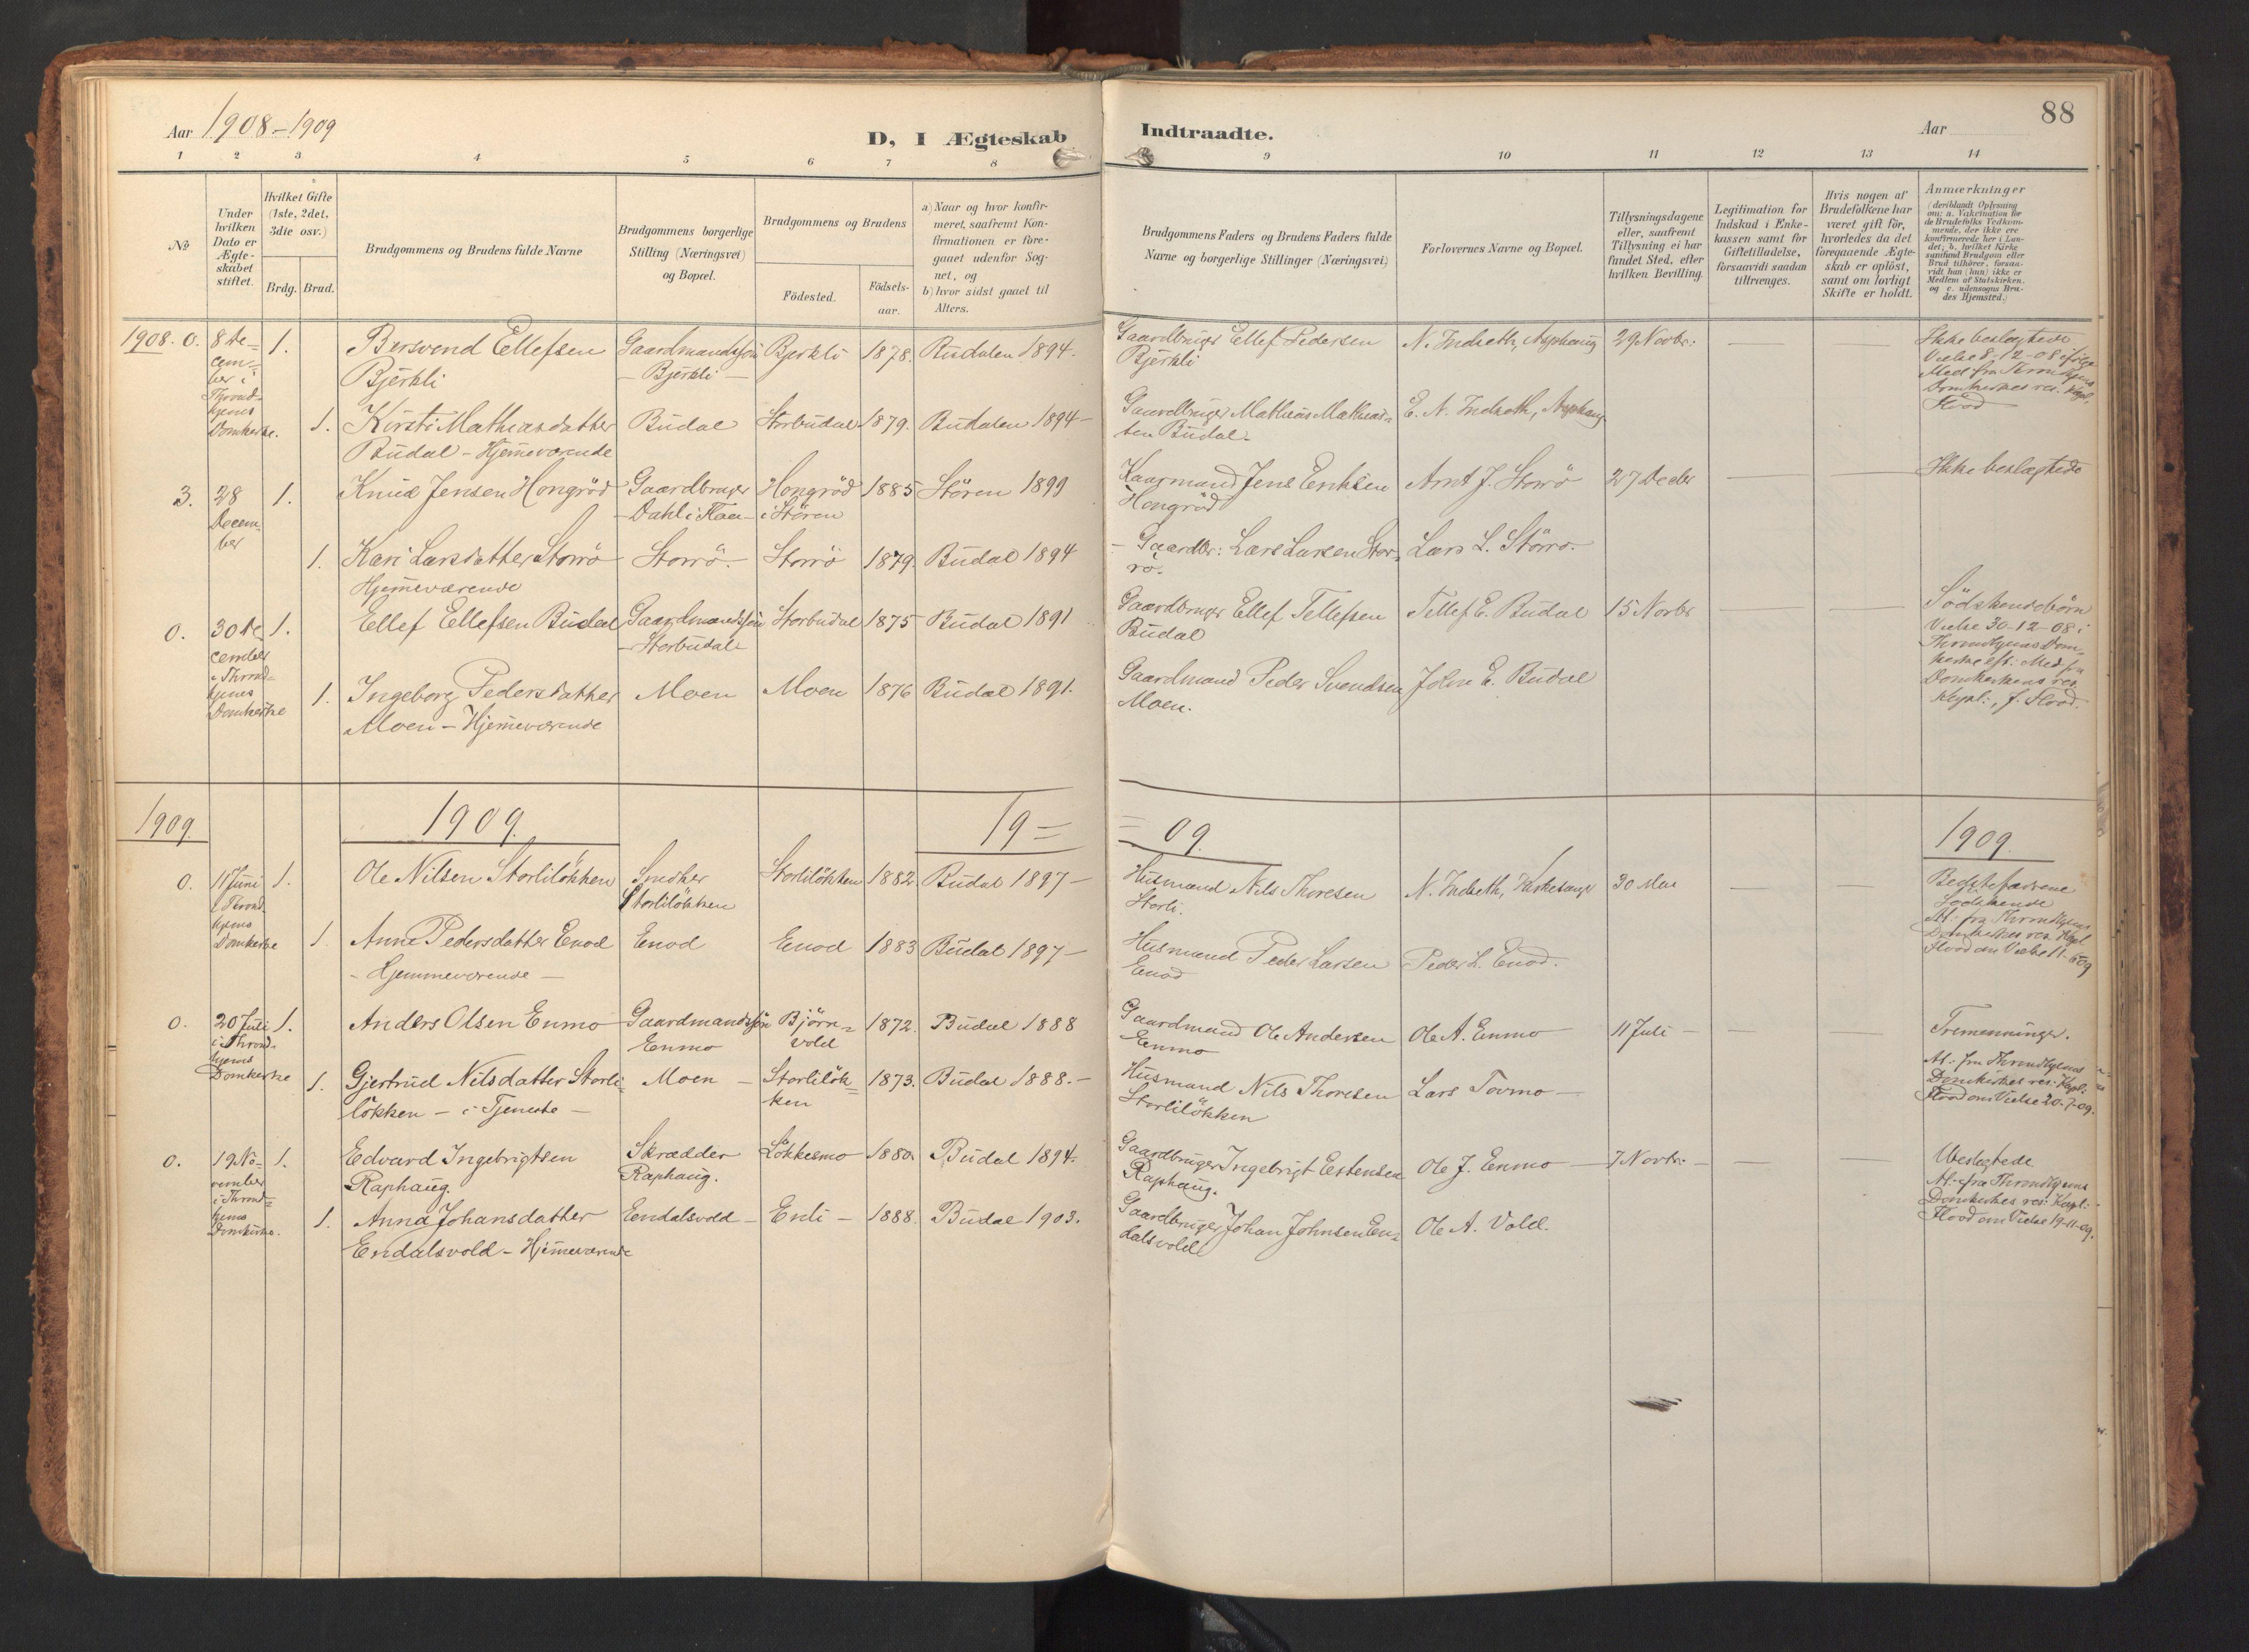 SAT, Ministerialprotokoller, klokkerbøker og fødselsregistre - Sør-Trøndelag, 690/L1050: Ministerialbok nr. 690A01, 1889-1929, s. 88